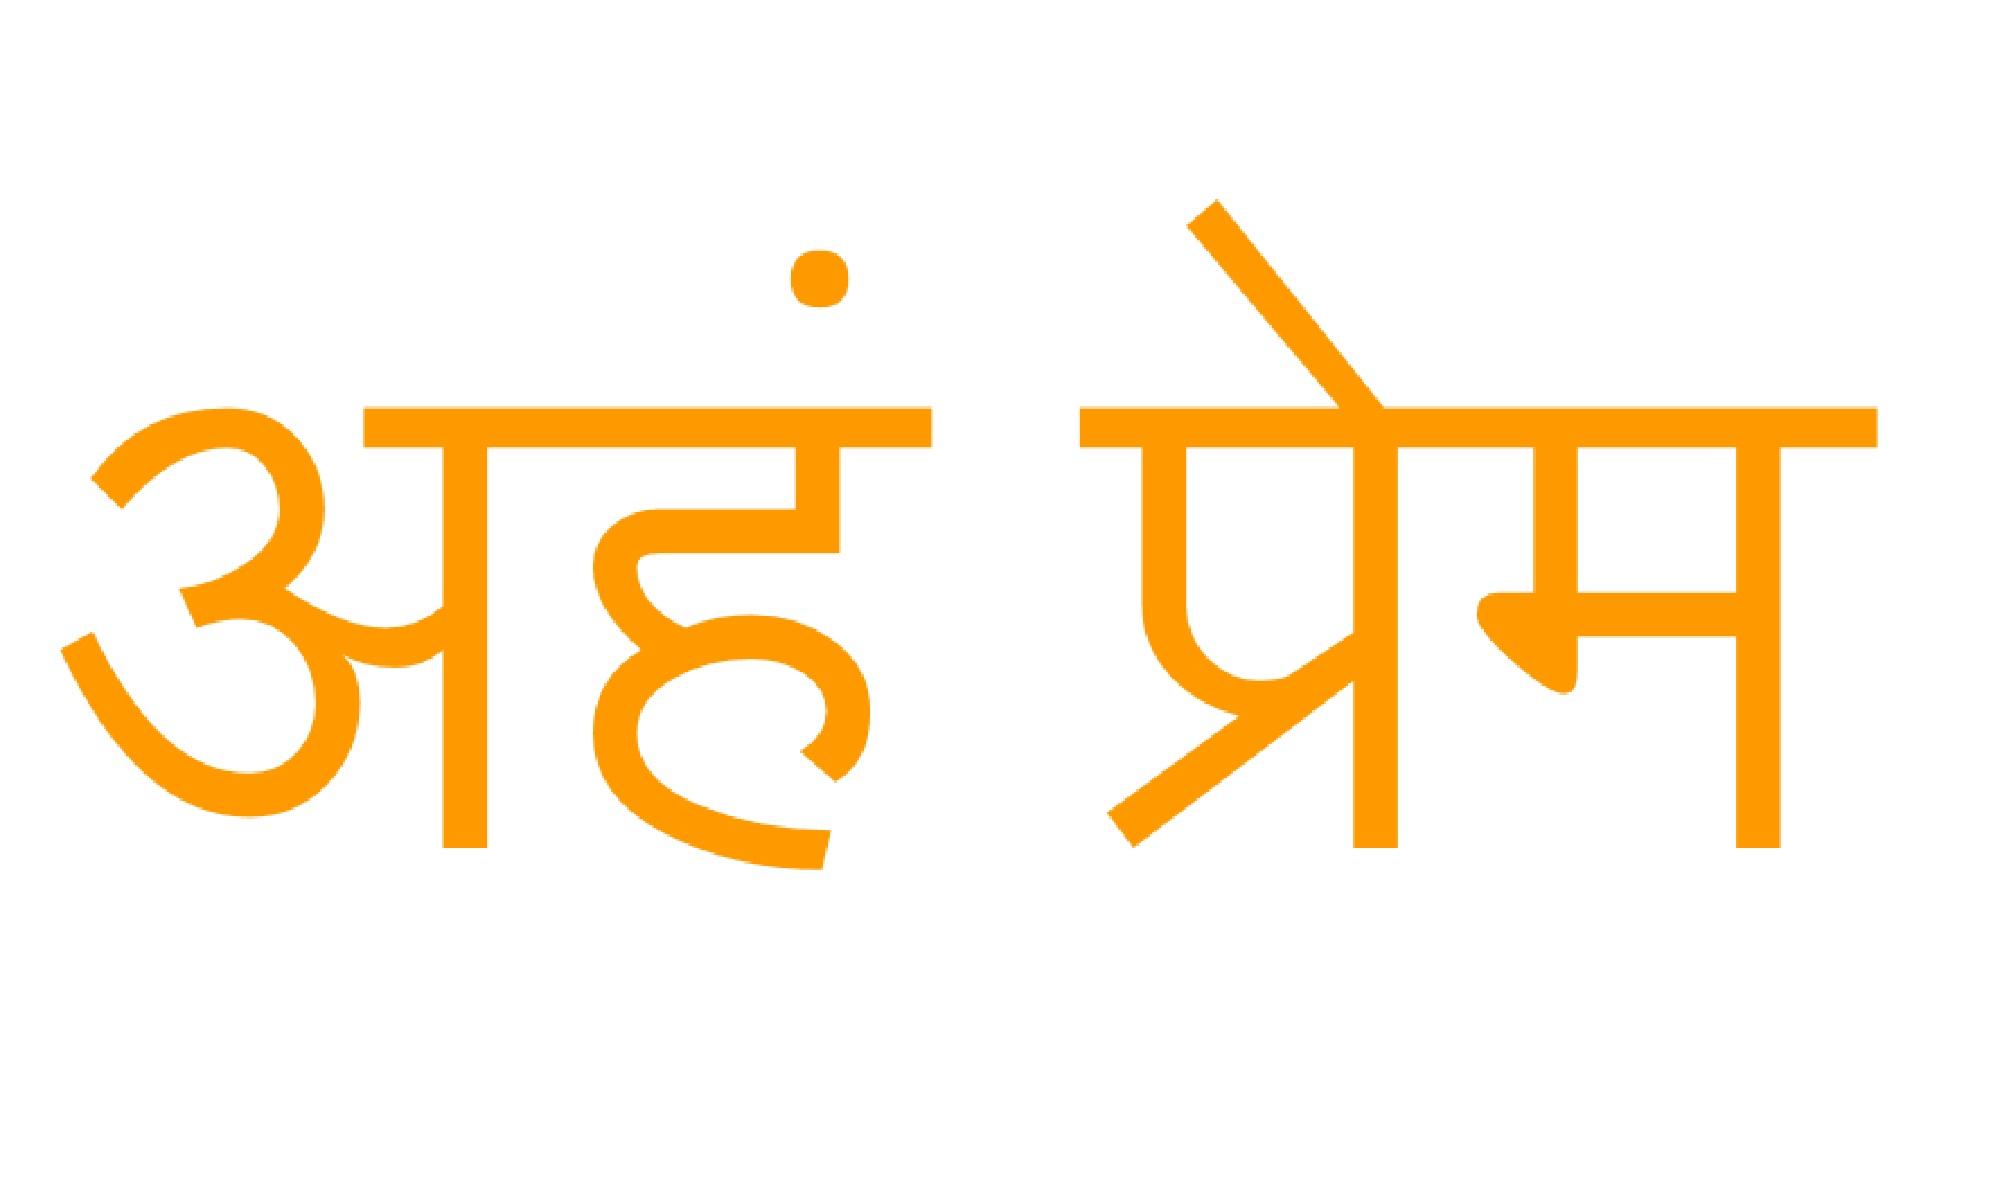 Mantra Aham Prema - Ich bin Liebe.